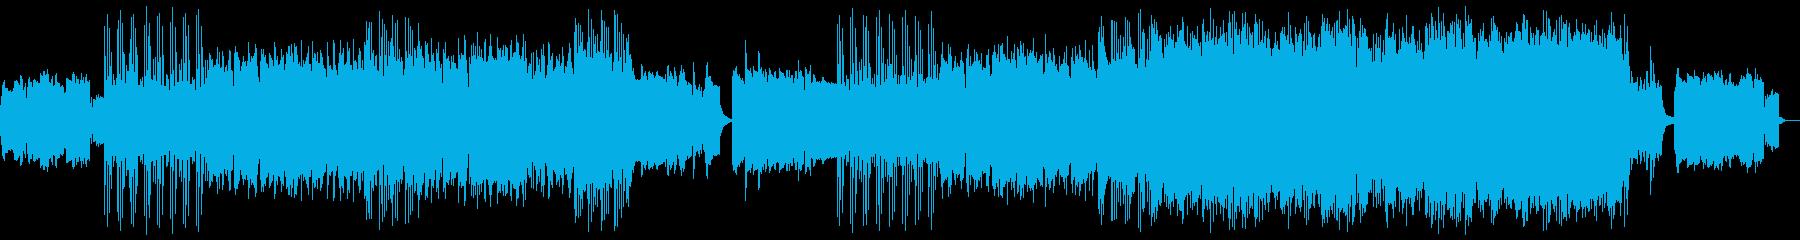 尺八と琴が勇ましい和風サムライ音楽の再生済みの波形